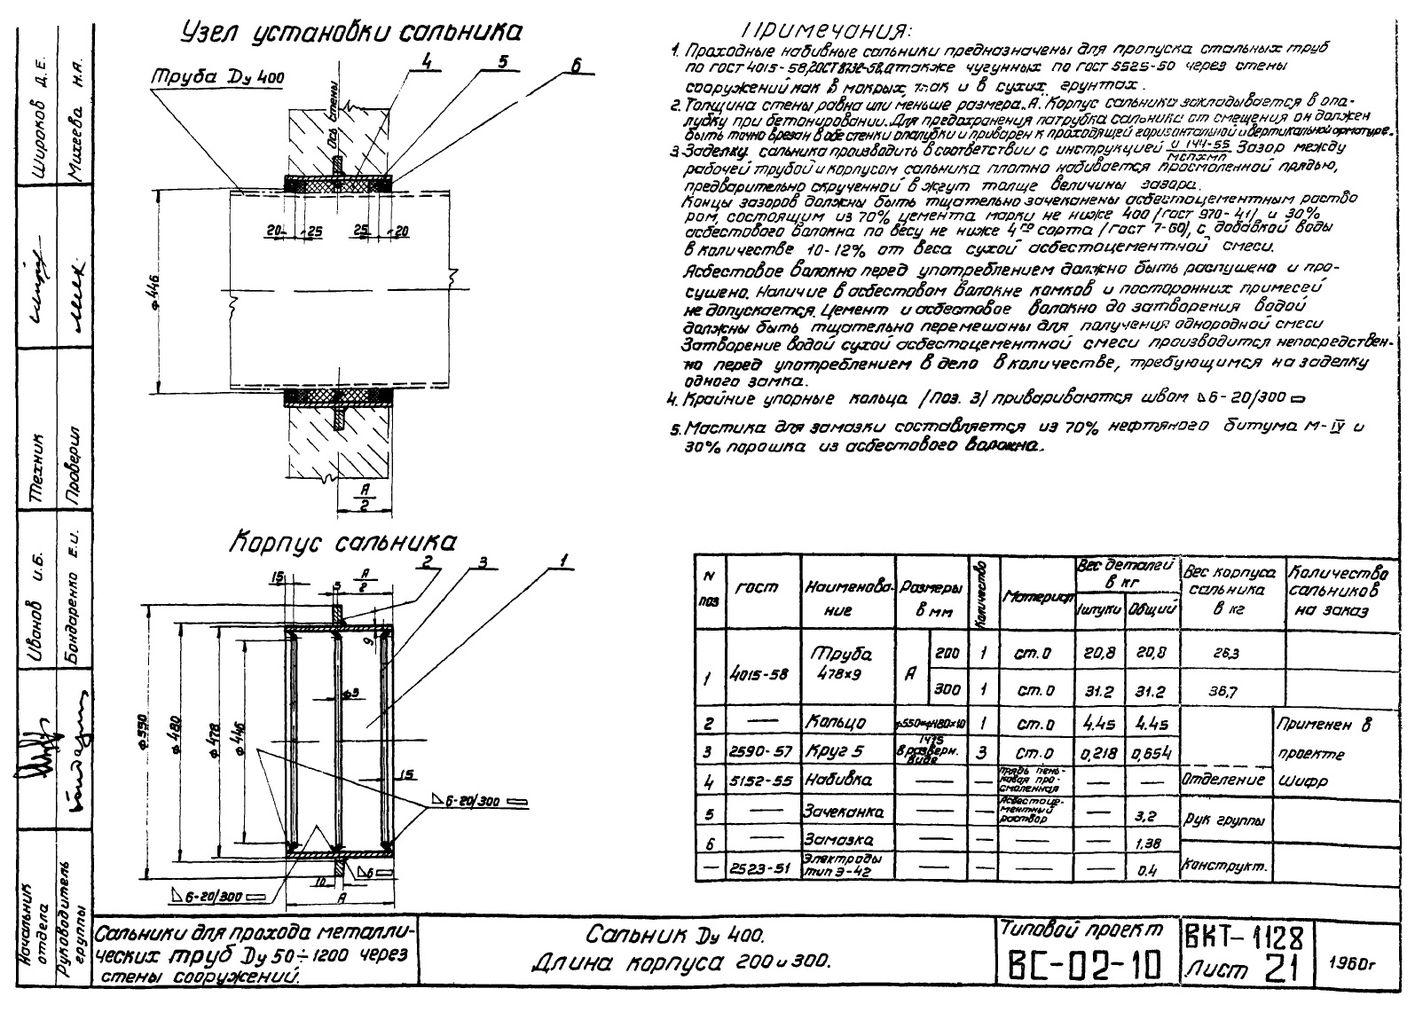 Сальники набивные L = 300 мм типовой проект ВС-02-10 стр.10